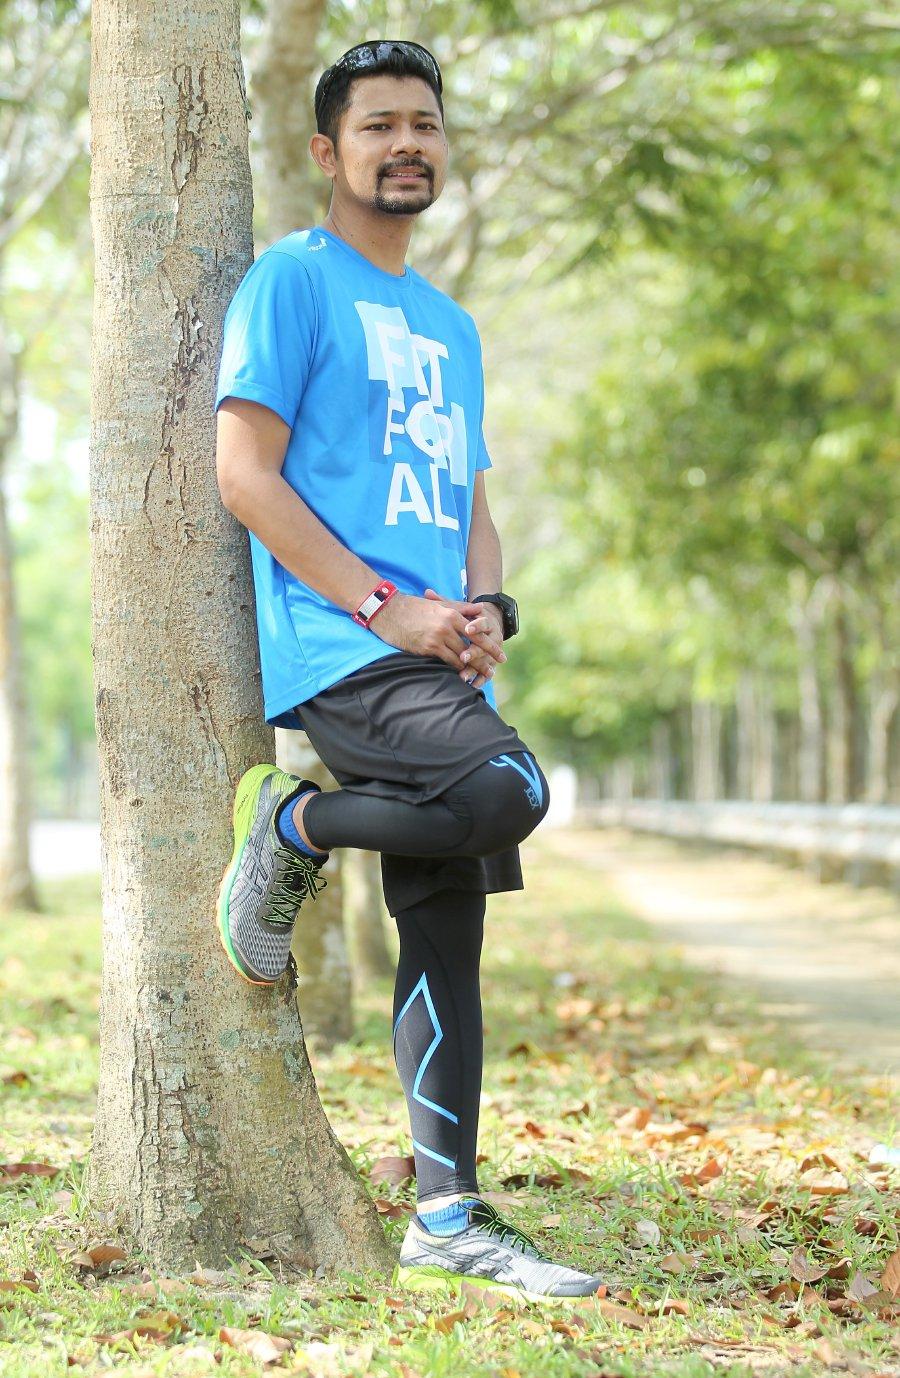 Mohd Dzulkaedah stays focused on his fitness aim.